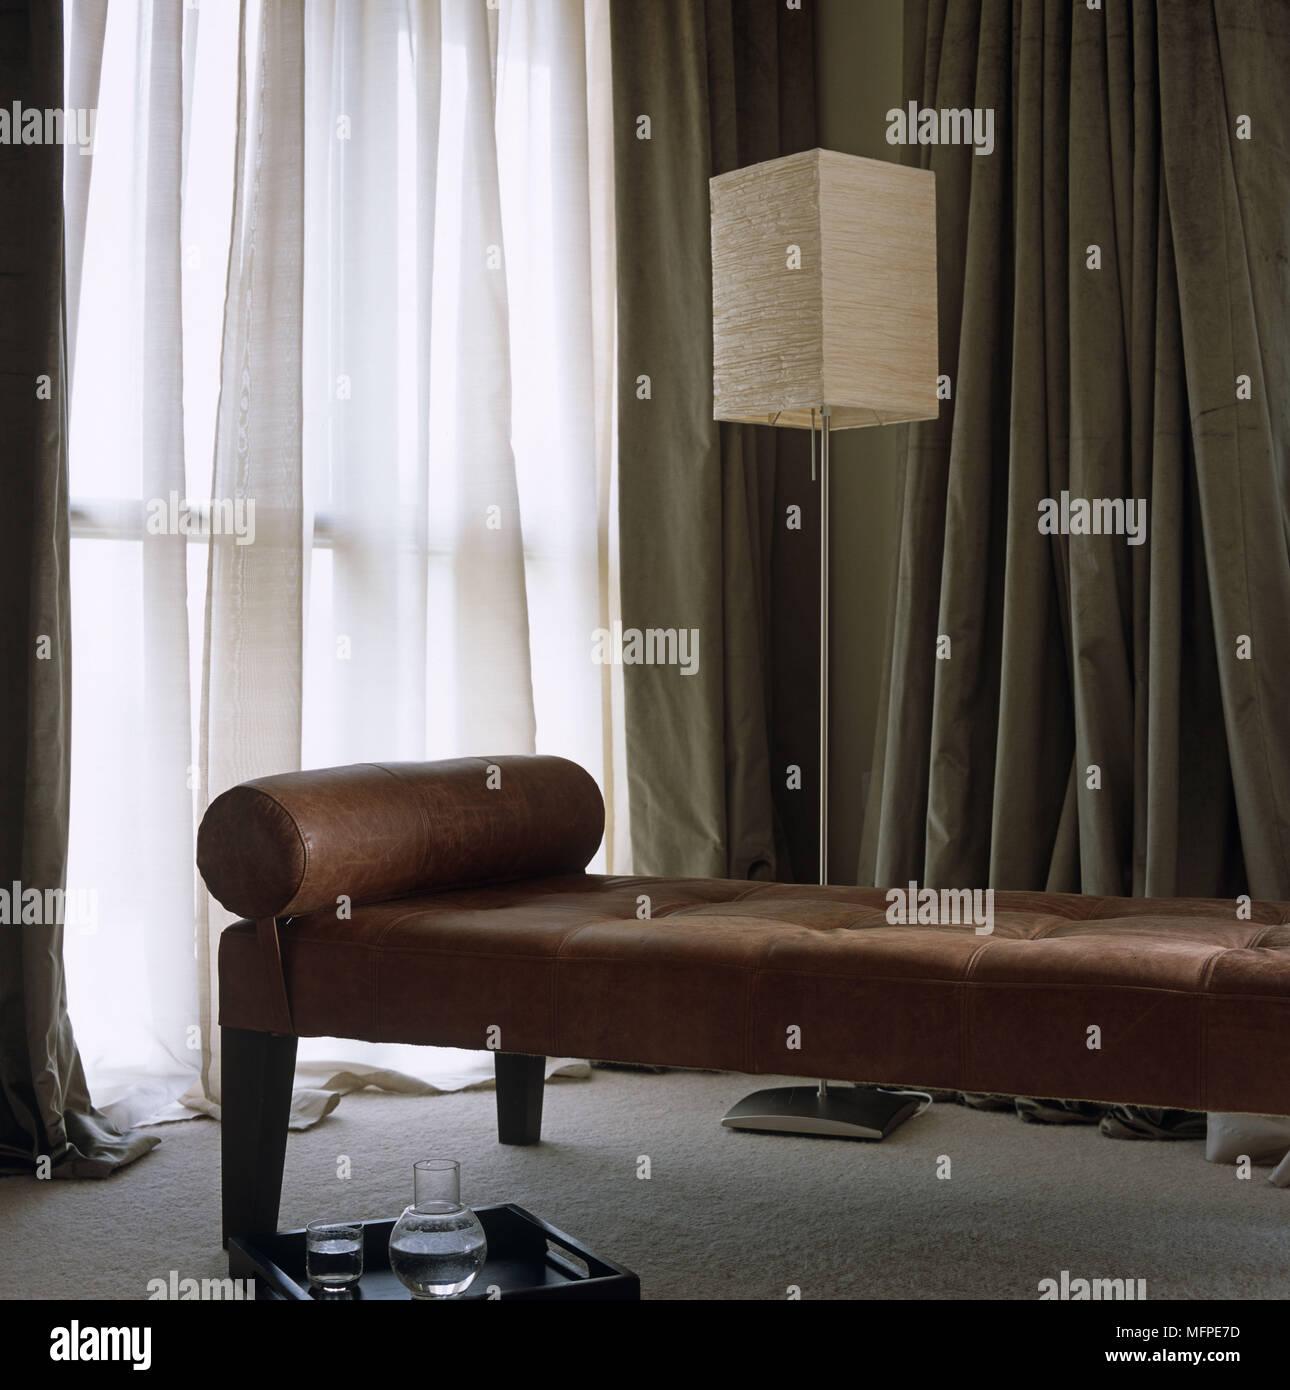 Un Salon Moderne En Cuir Marron Détail Un Siège En Face Du0027un Lampadaire  Contemporain Avec Une Grande Fenêtre Couverte Du0027un Rideau Translucide.